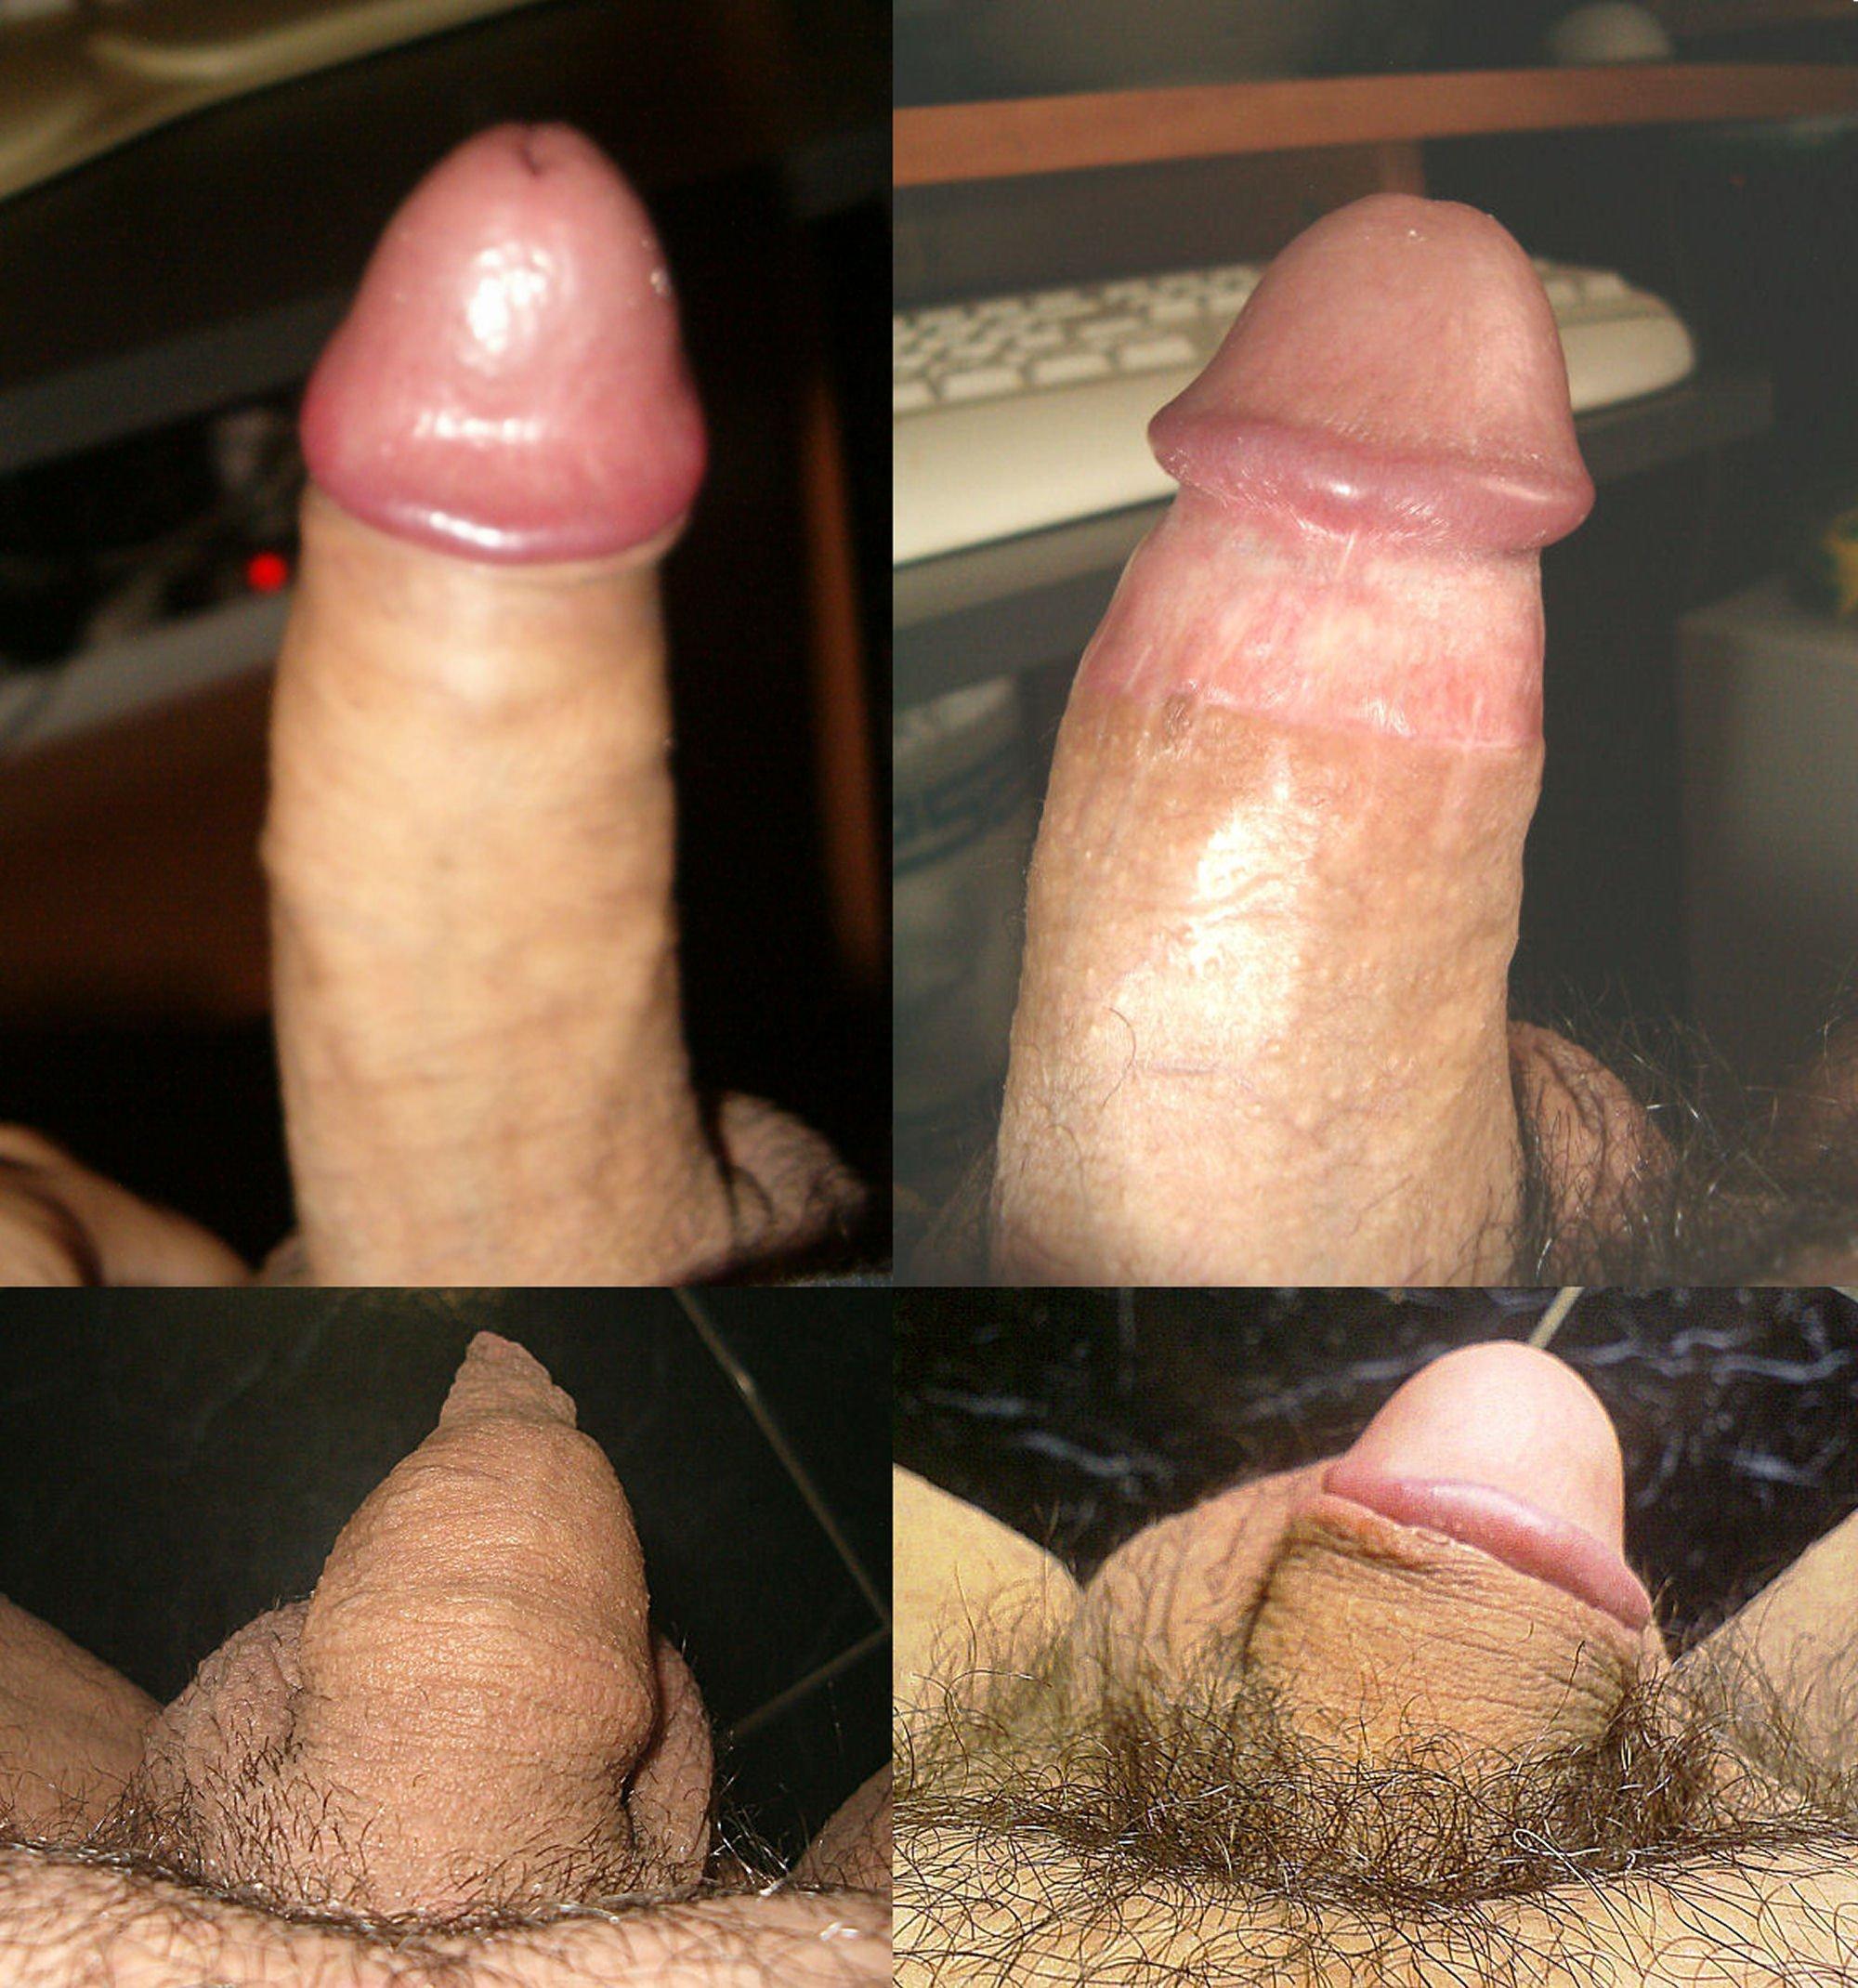 Фото обрезанных хуев порно 3 фотография